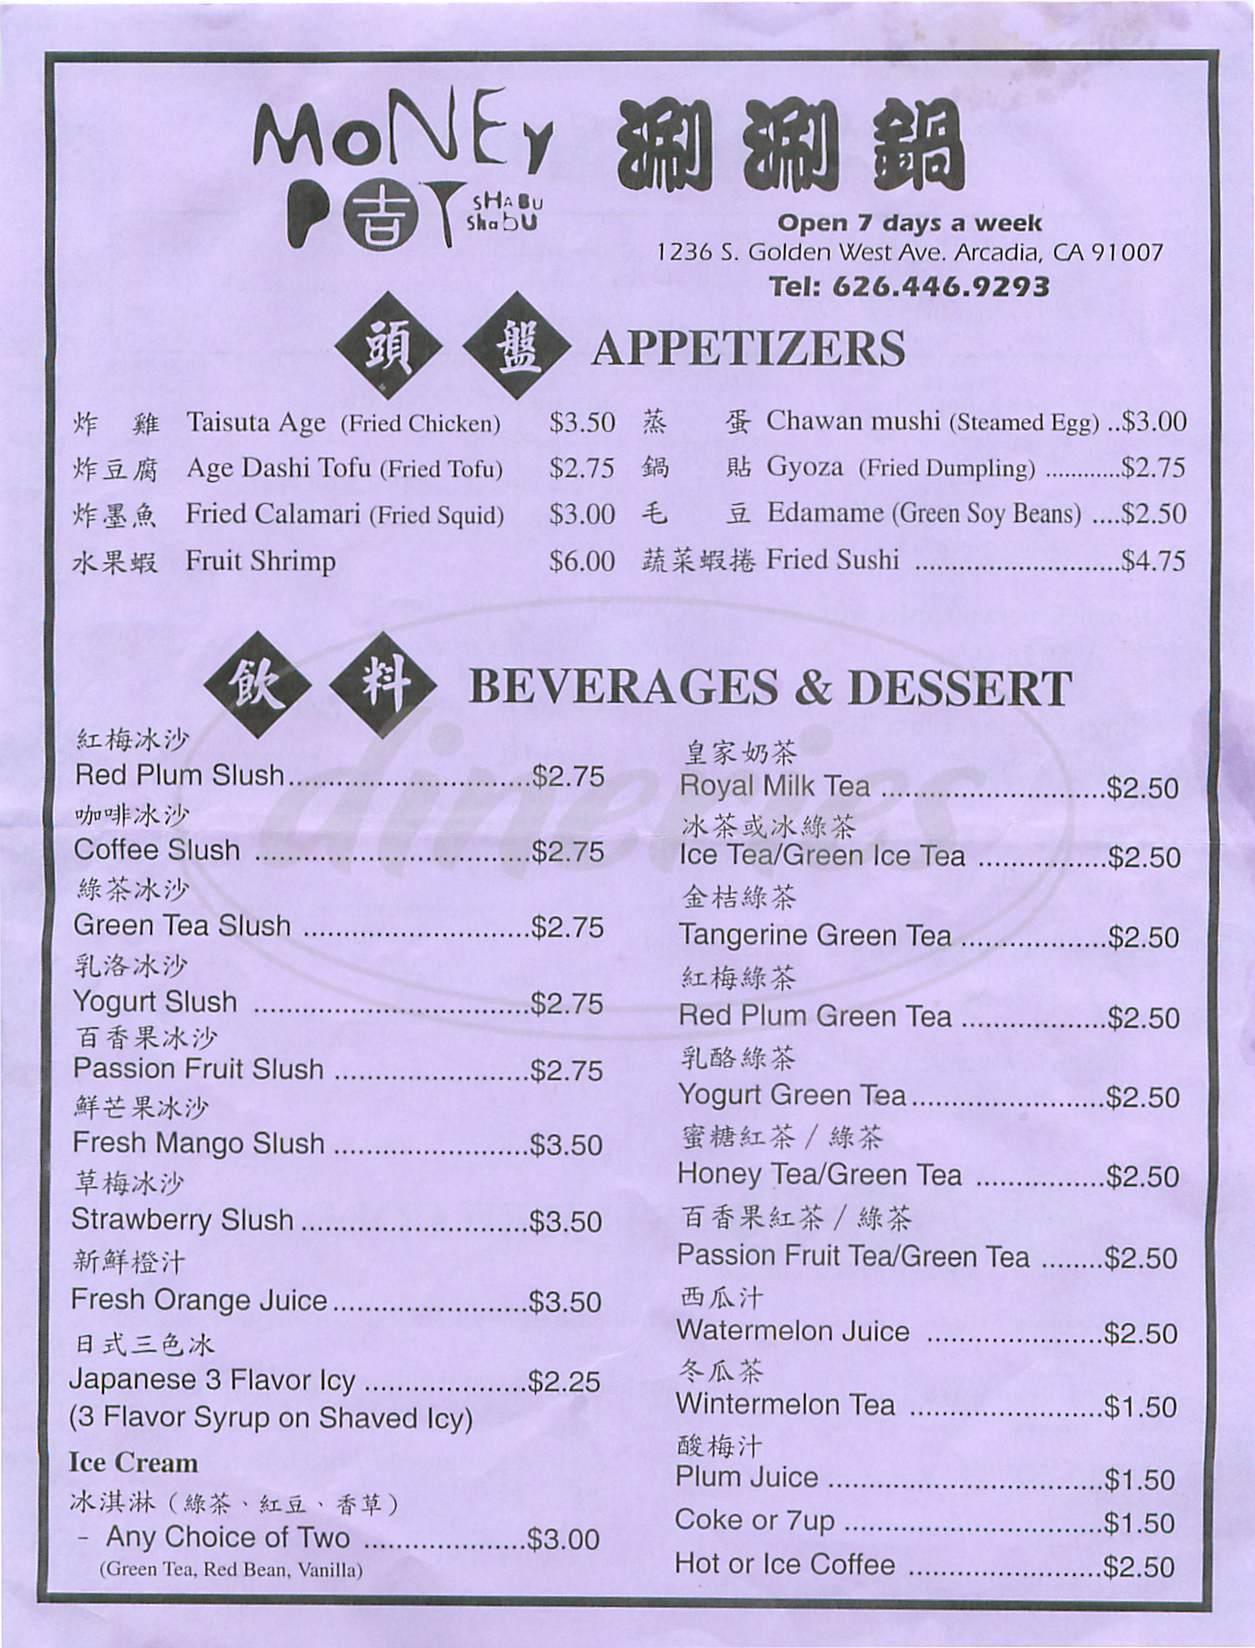 menu for Money Pot Shabu Shabu